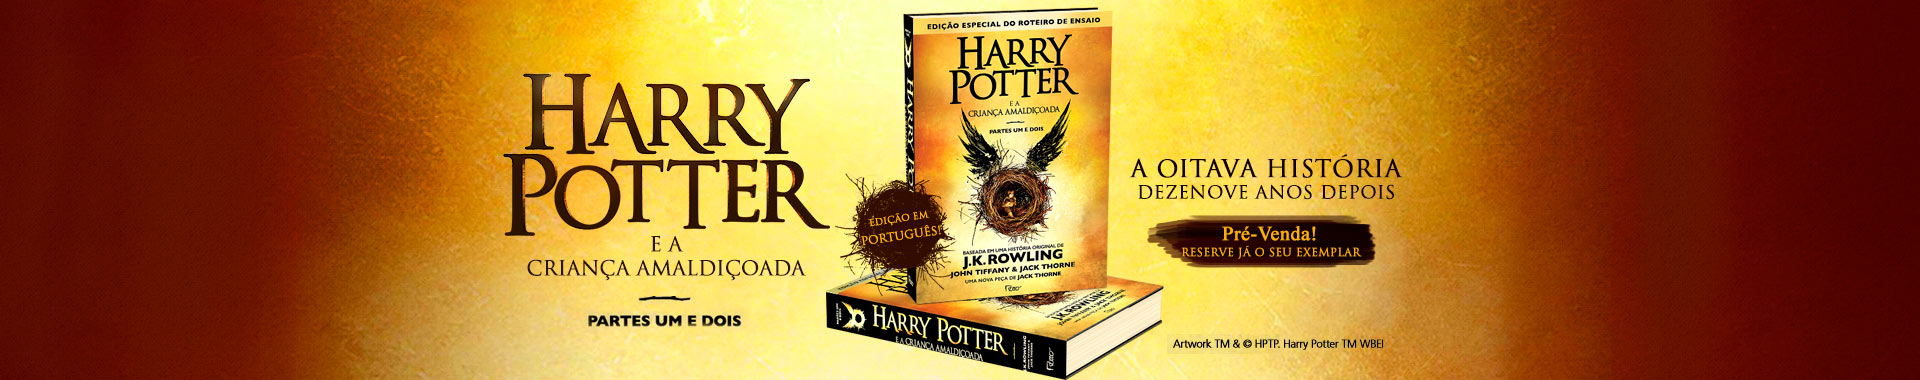 Harry Potter  - e a criança amaldiçoada